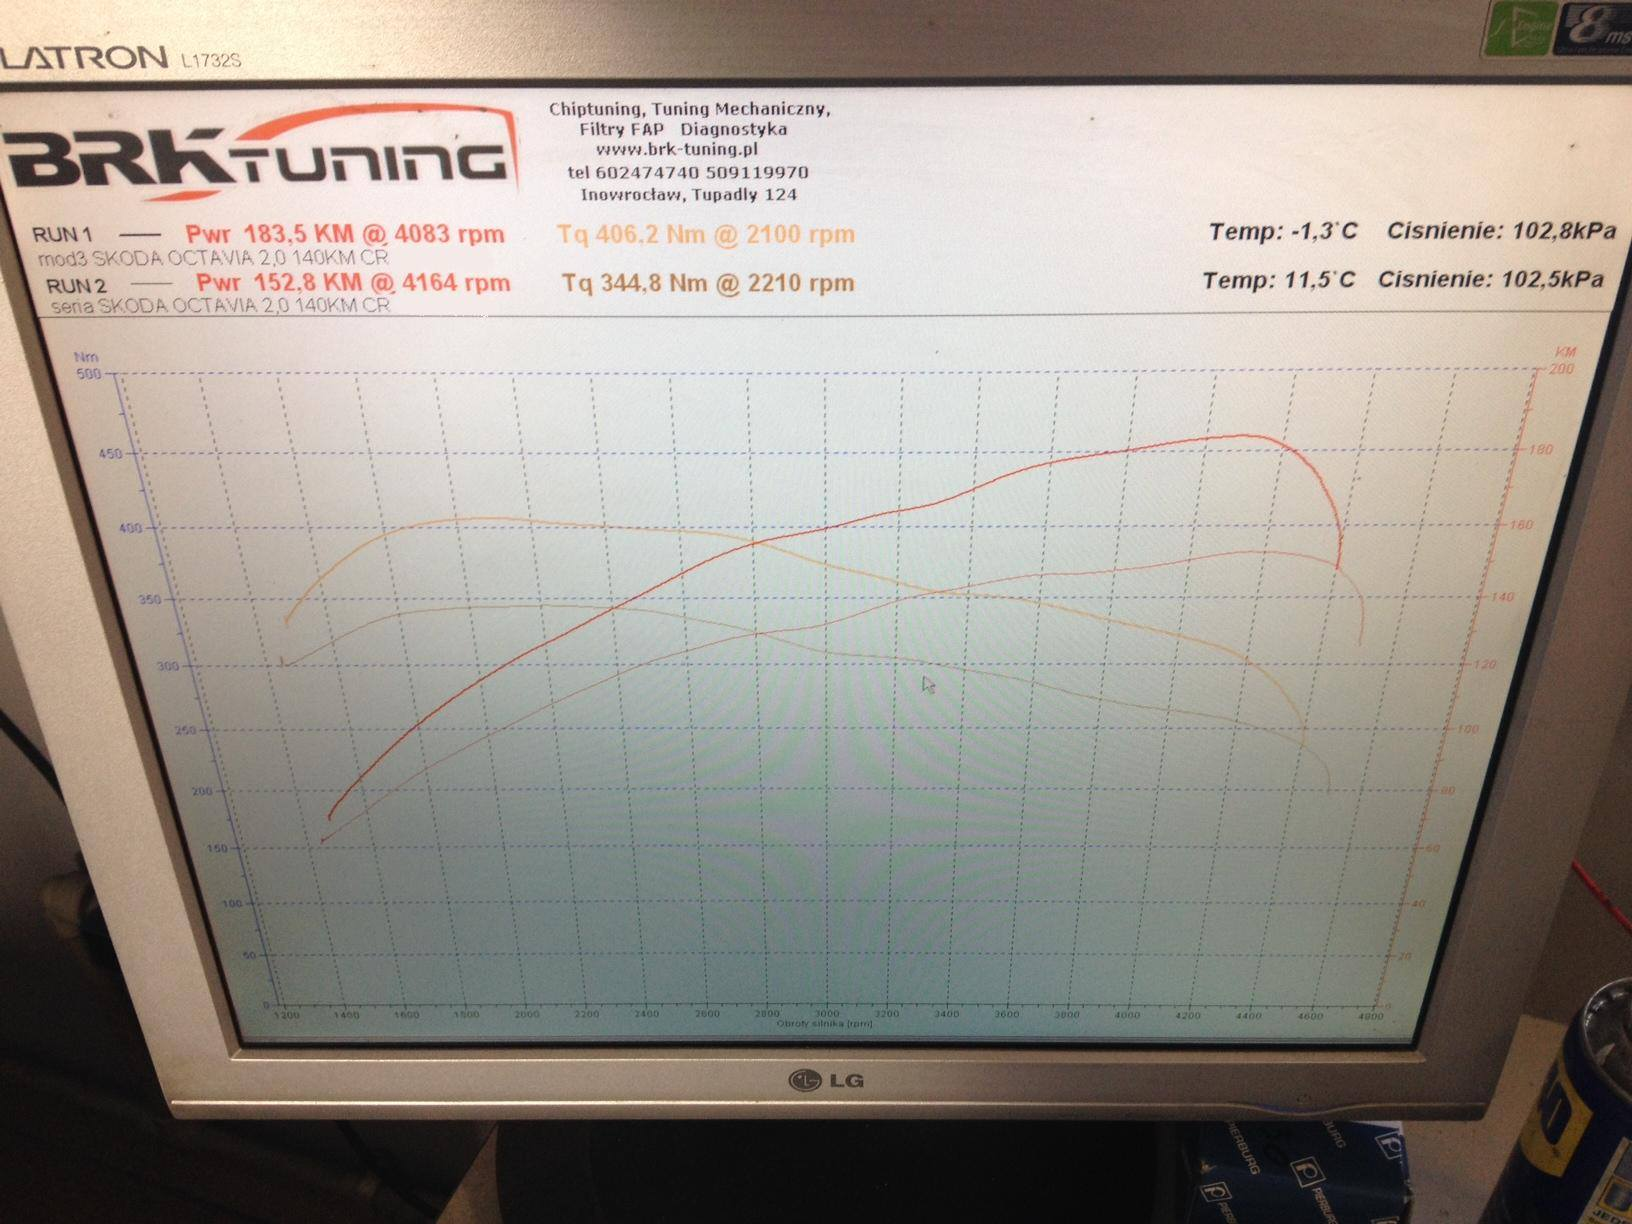 Skoda Octavia 4x4 chiptuning